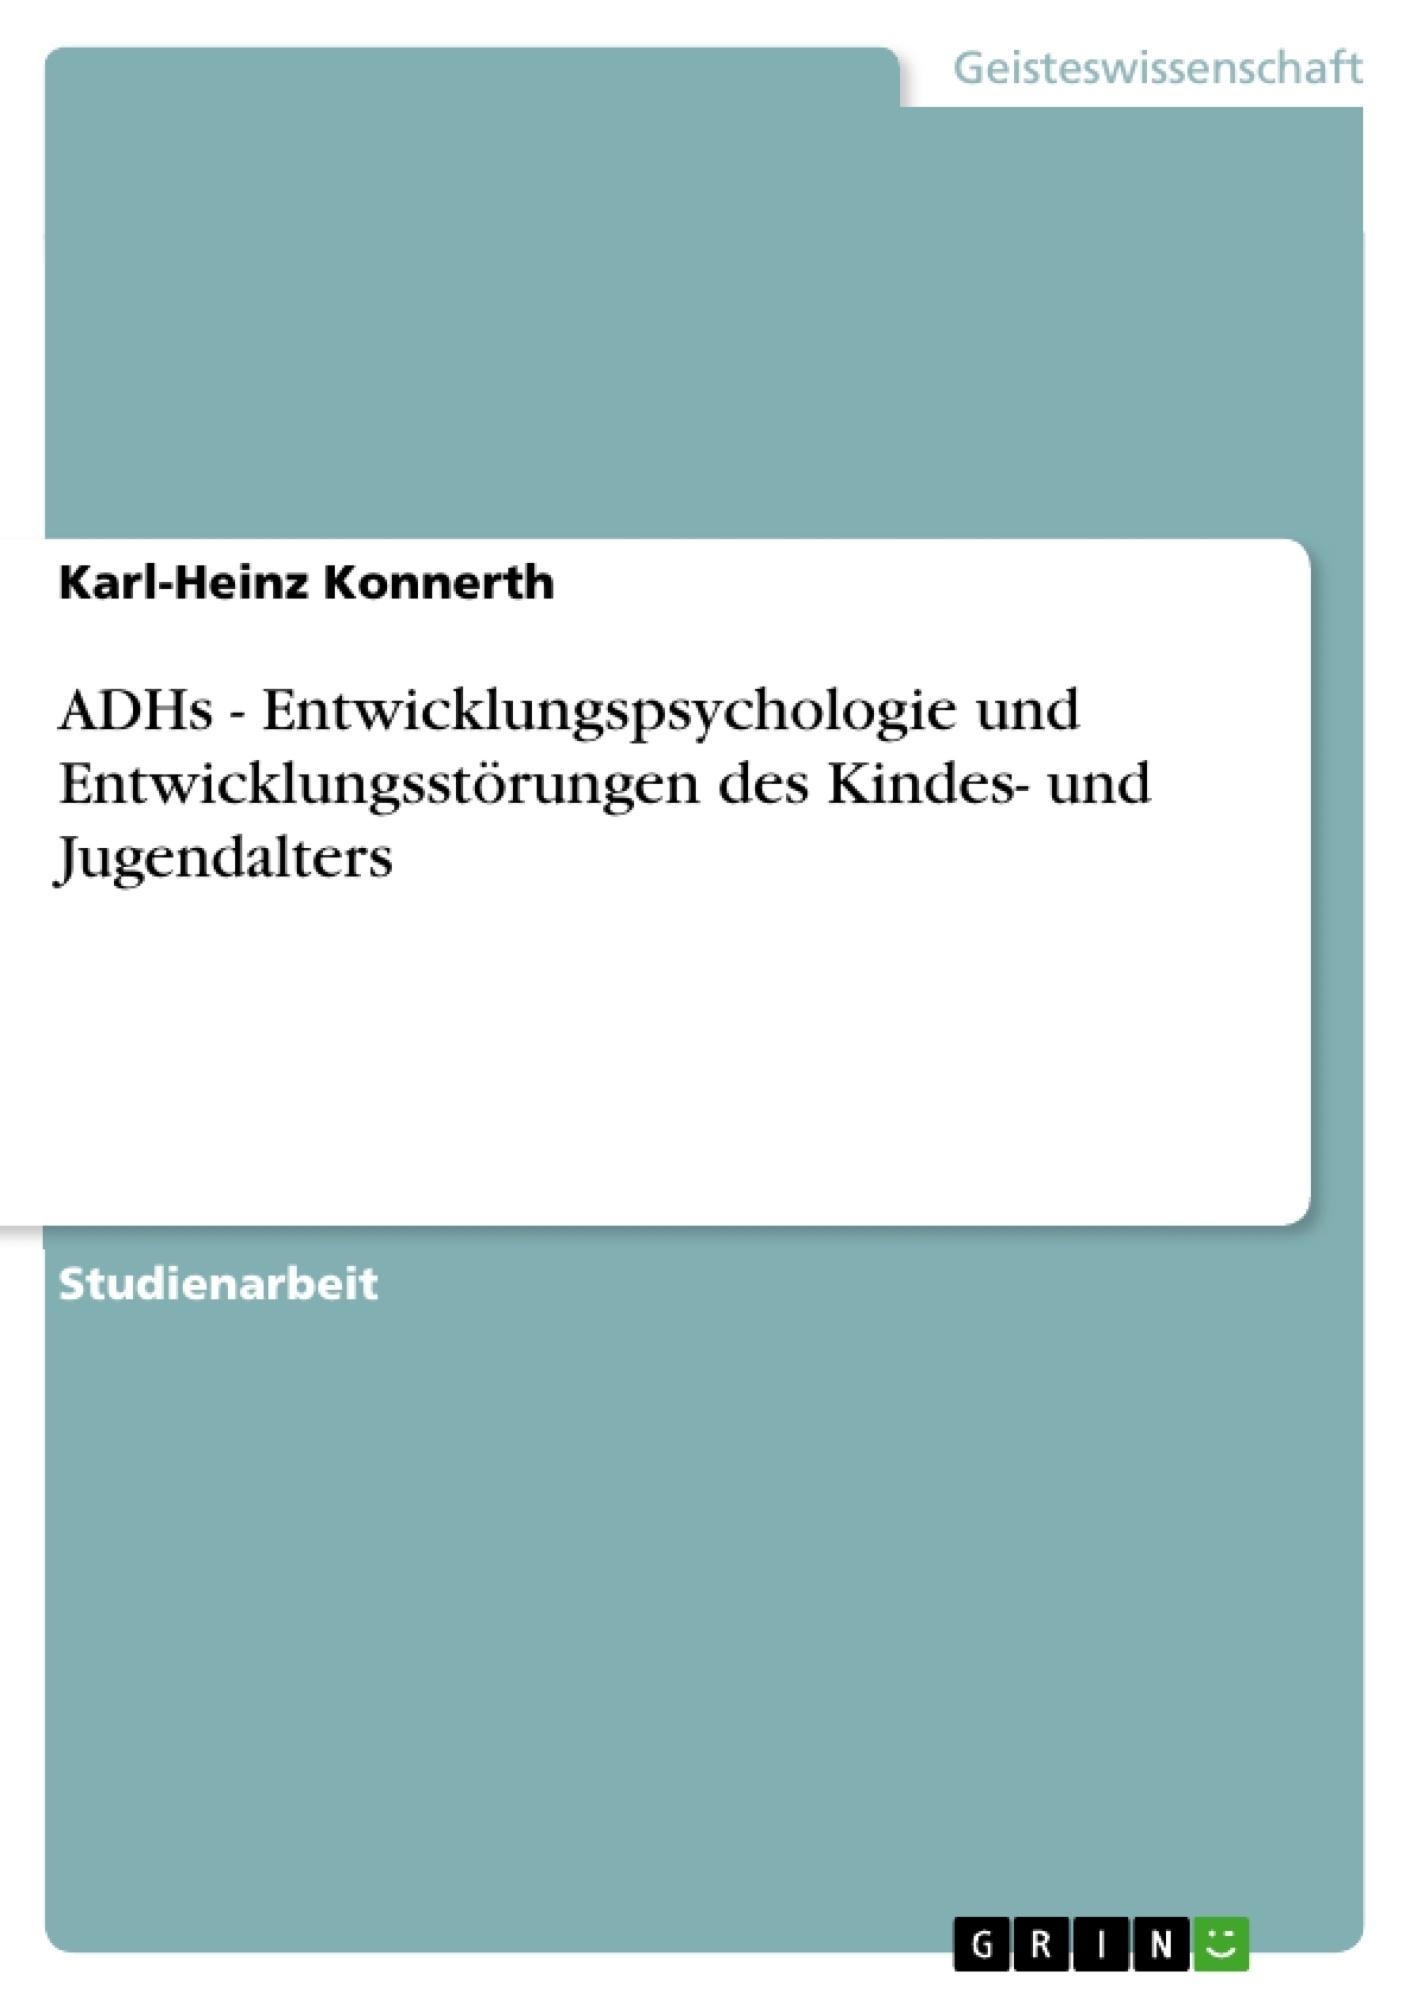 Titel: ADHs - Entwicklungspsychologie und Entwicklungsstörungen des Kindes- und Jugendalters